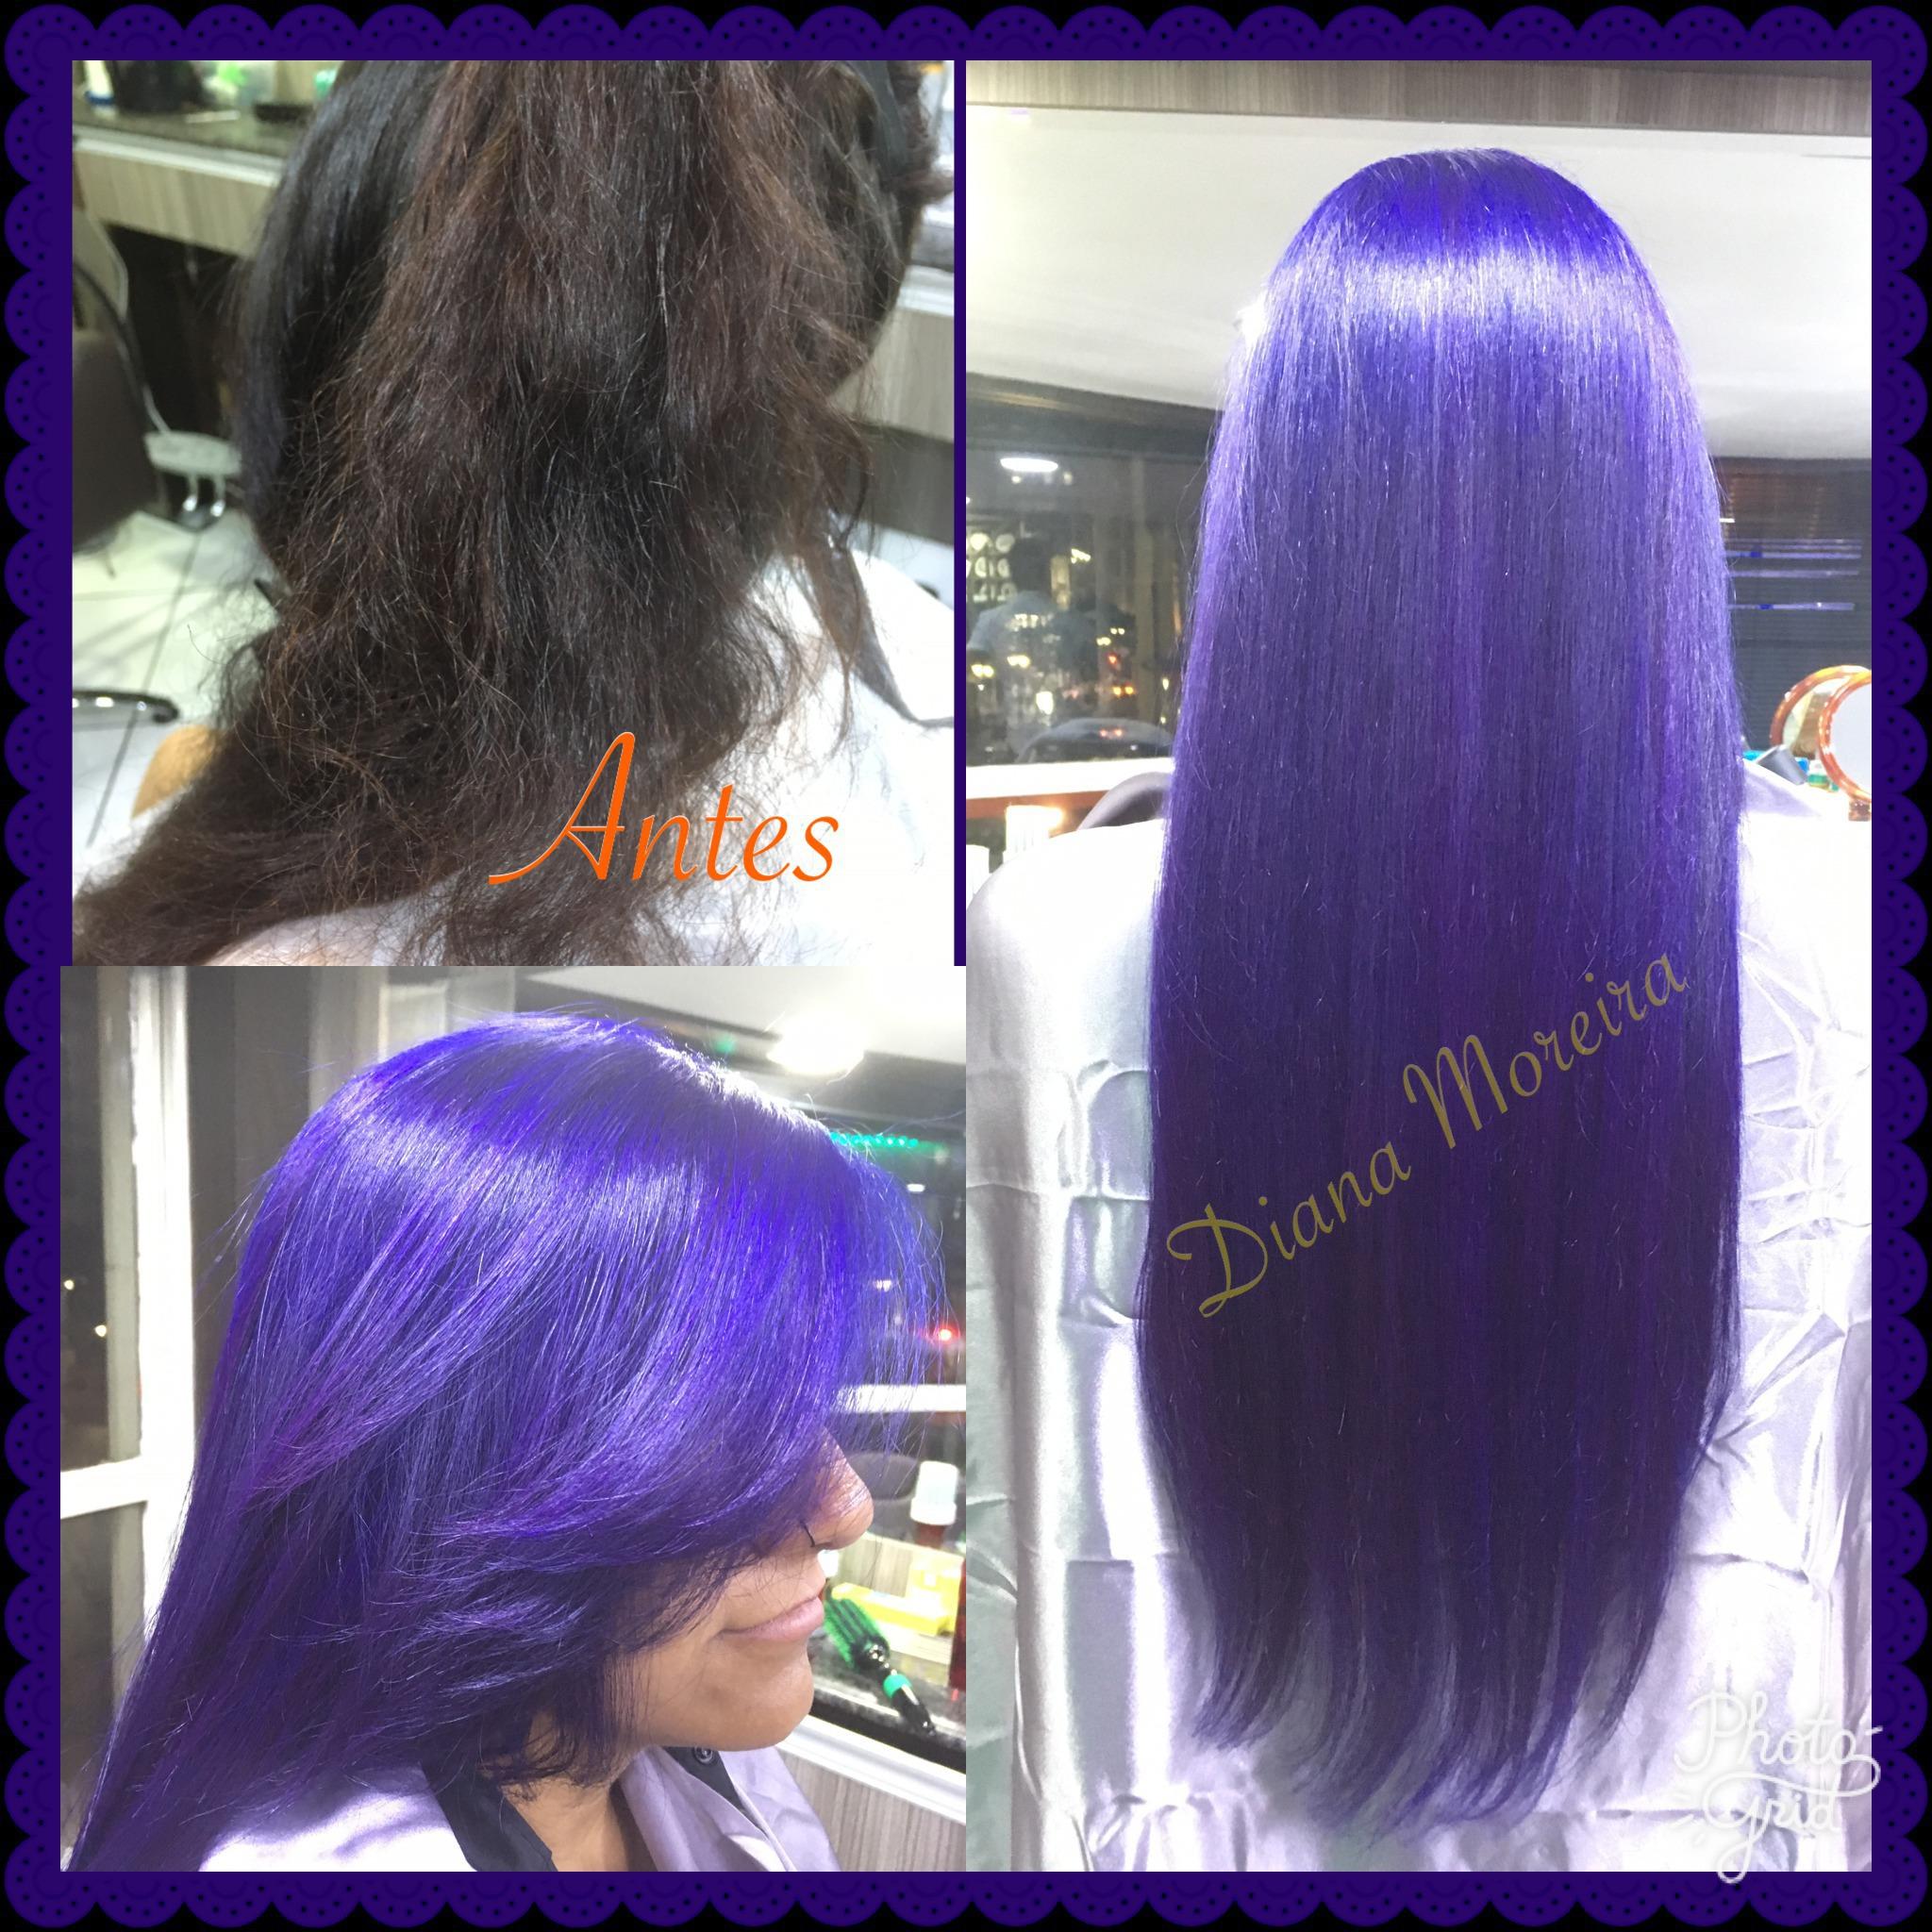 Cabelo transformação azul royal  cabelo designer de sobrancelhas micropigmentador(a) cabeleireiro(a)